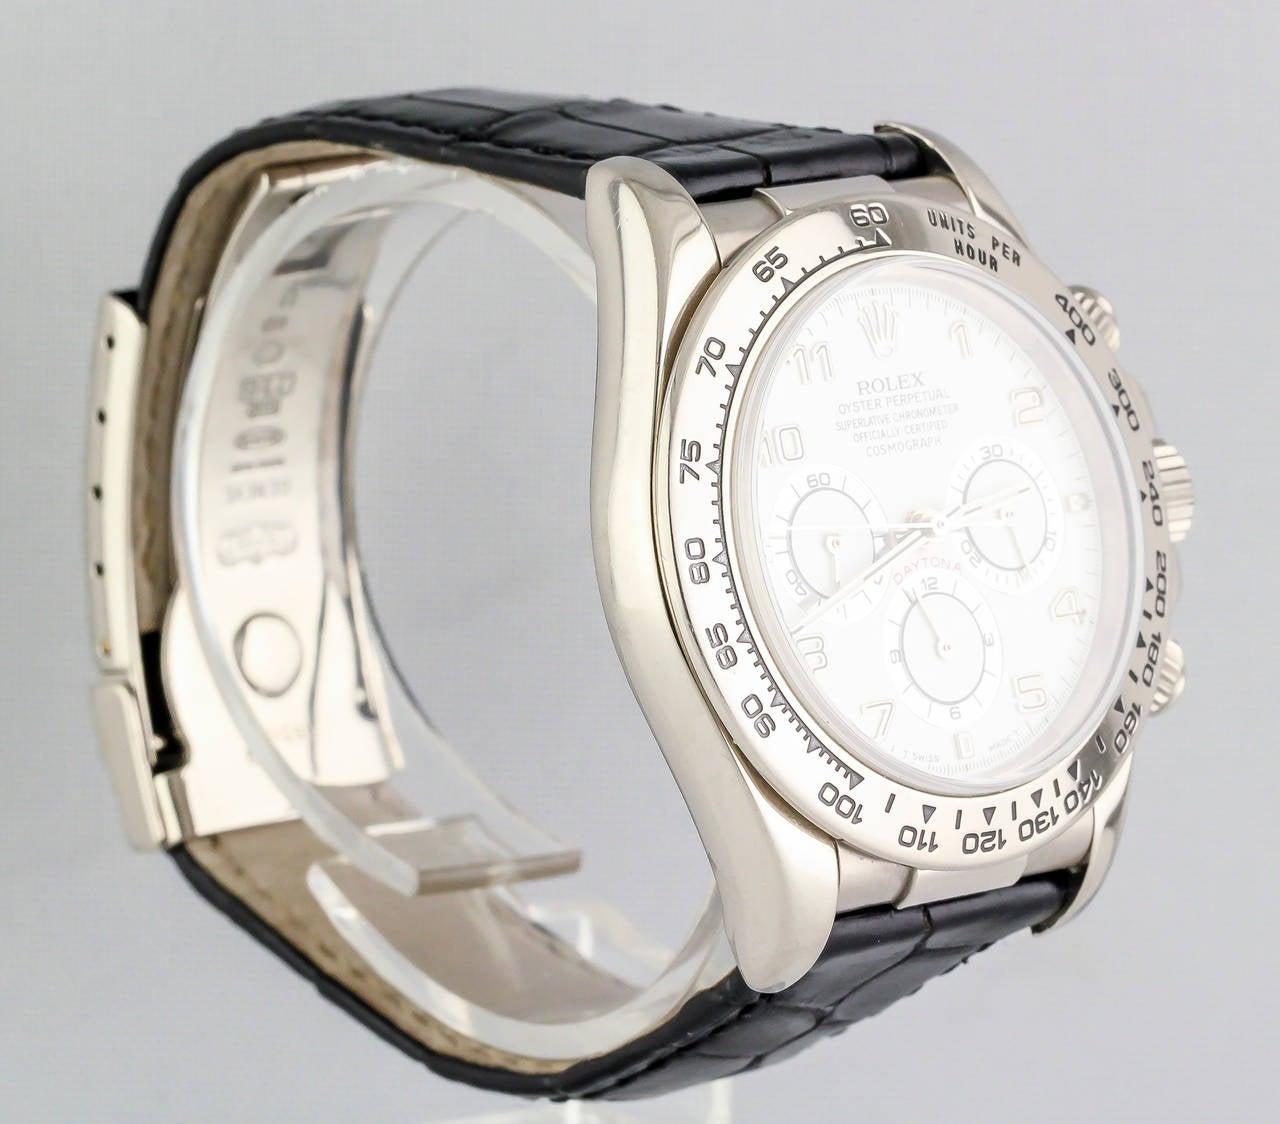 Rolex White Gold Daytona Chronograph Automatic Wristwatch 2